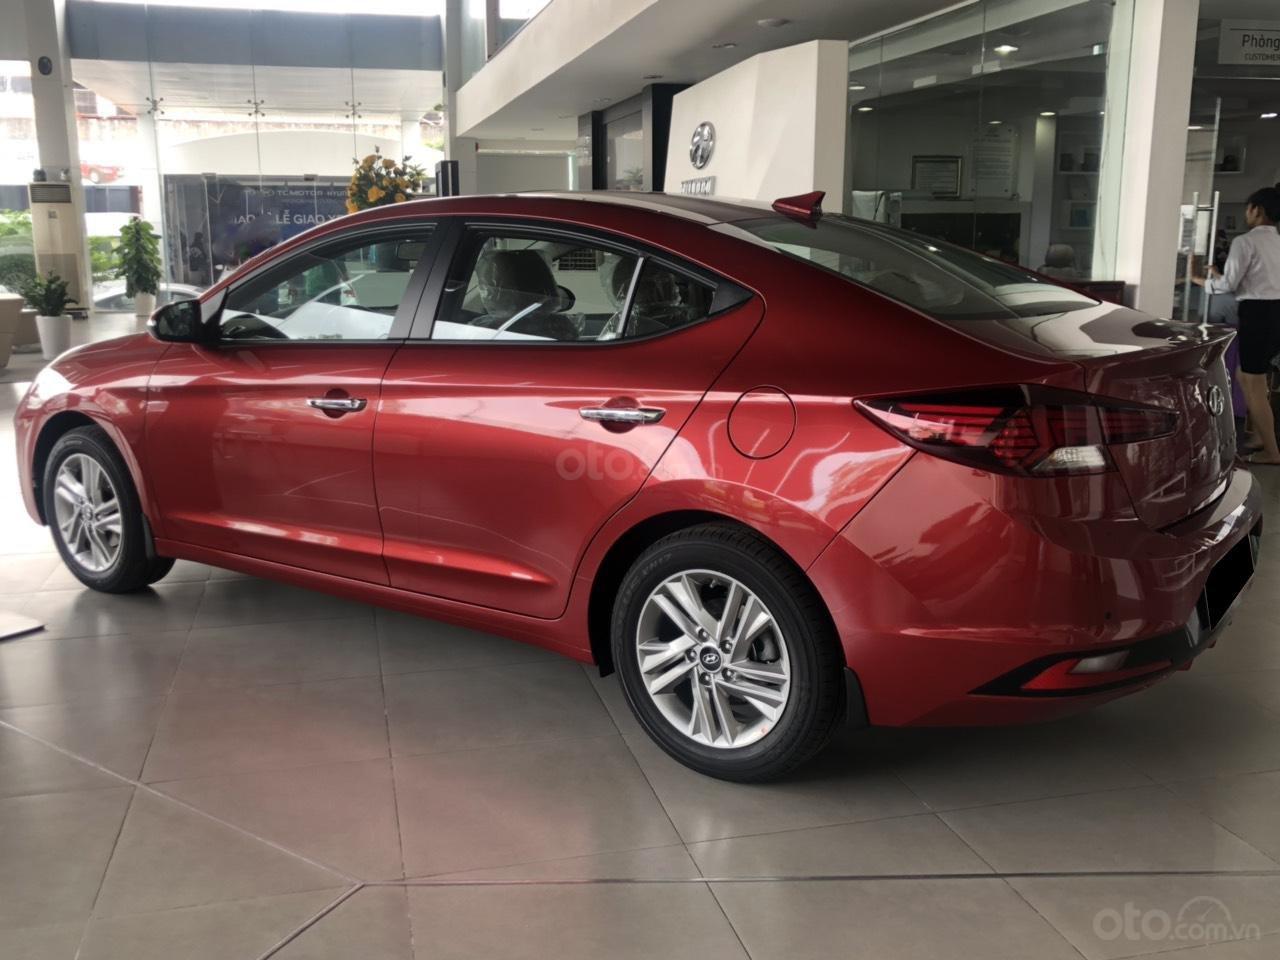 Hyundai Elentra 2019 - Giá tốt - Xe sẵn - Bank bao đậu-1